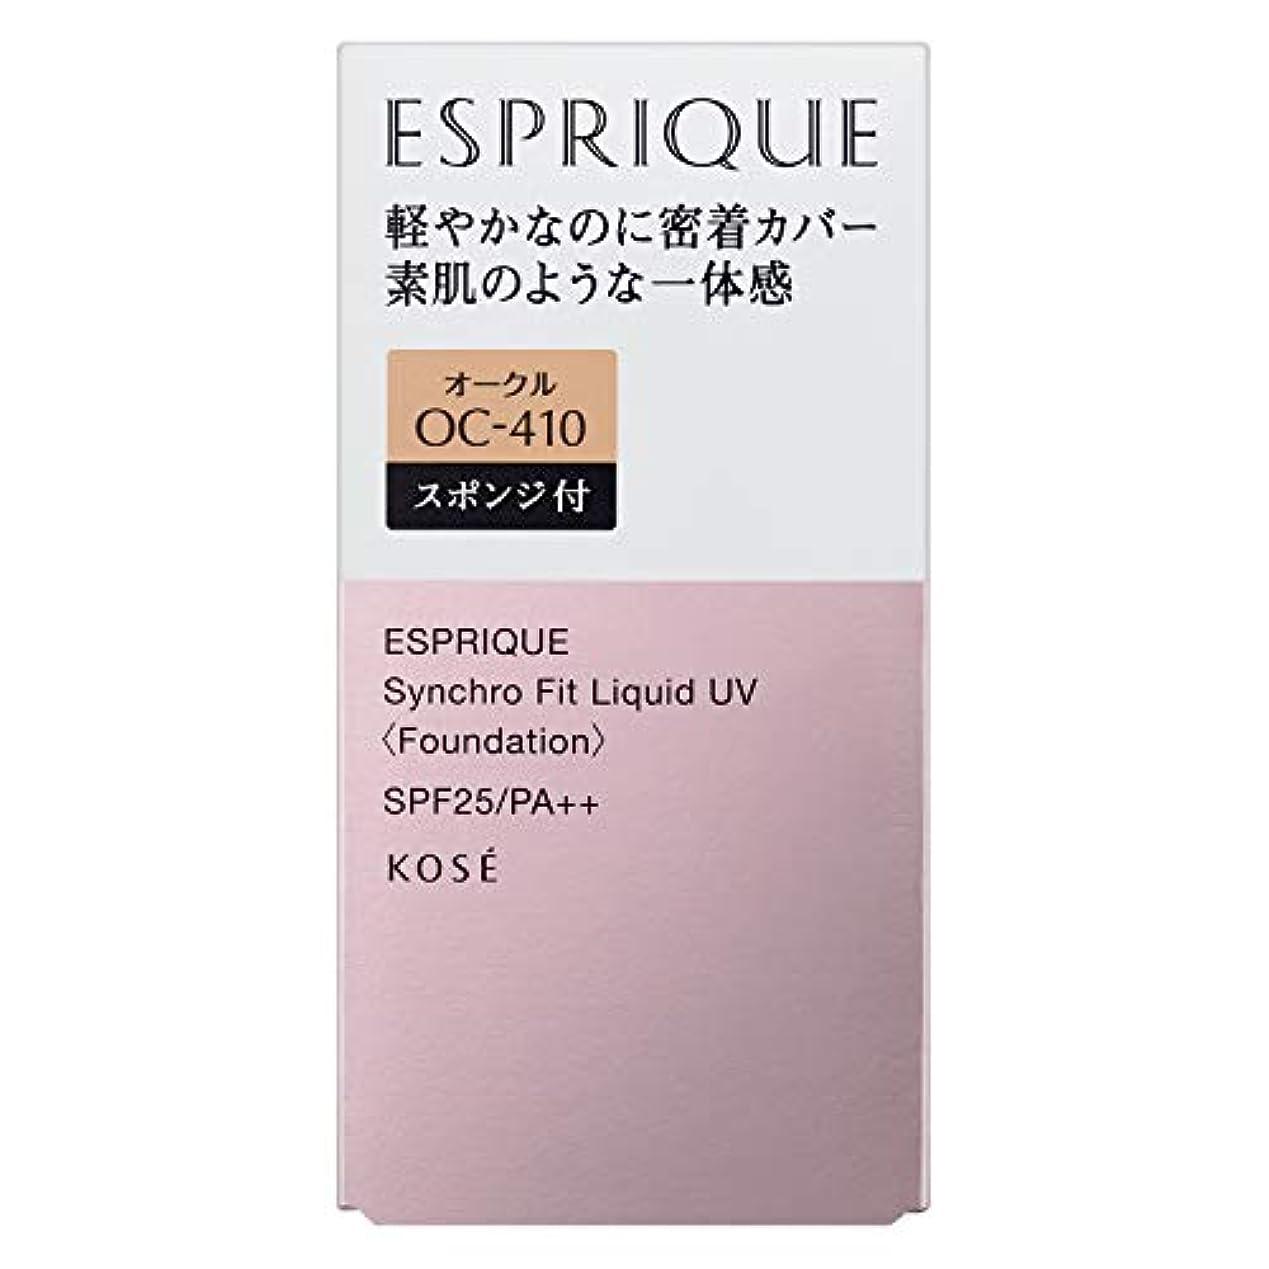 不透明な評価可能予備ESPRIQUE(エスプリーク) エスプリーク シンクロフィット リキッド UV ファンデーション 無香料 OC-410 オークル 30g